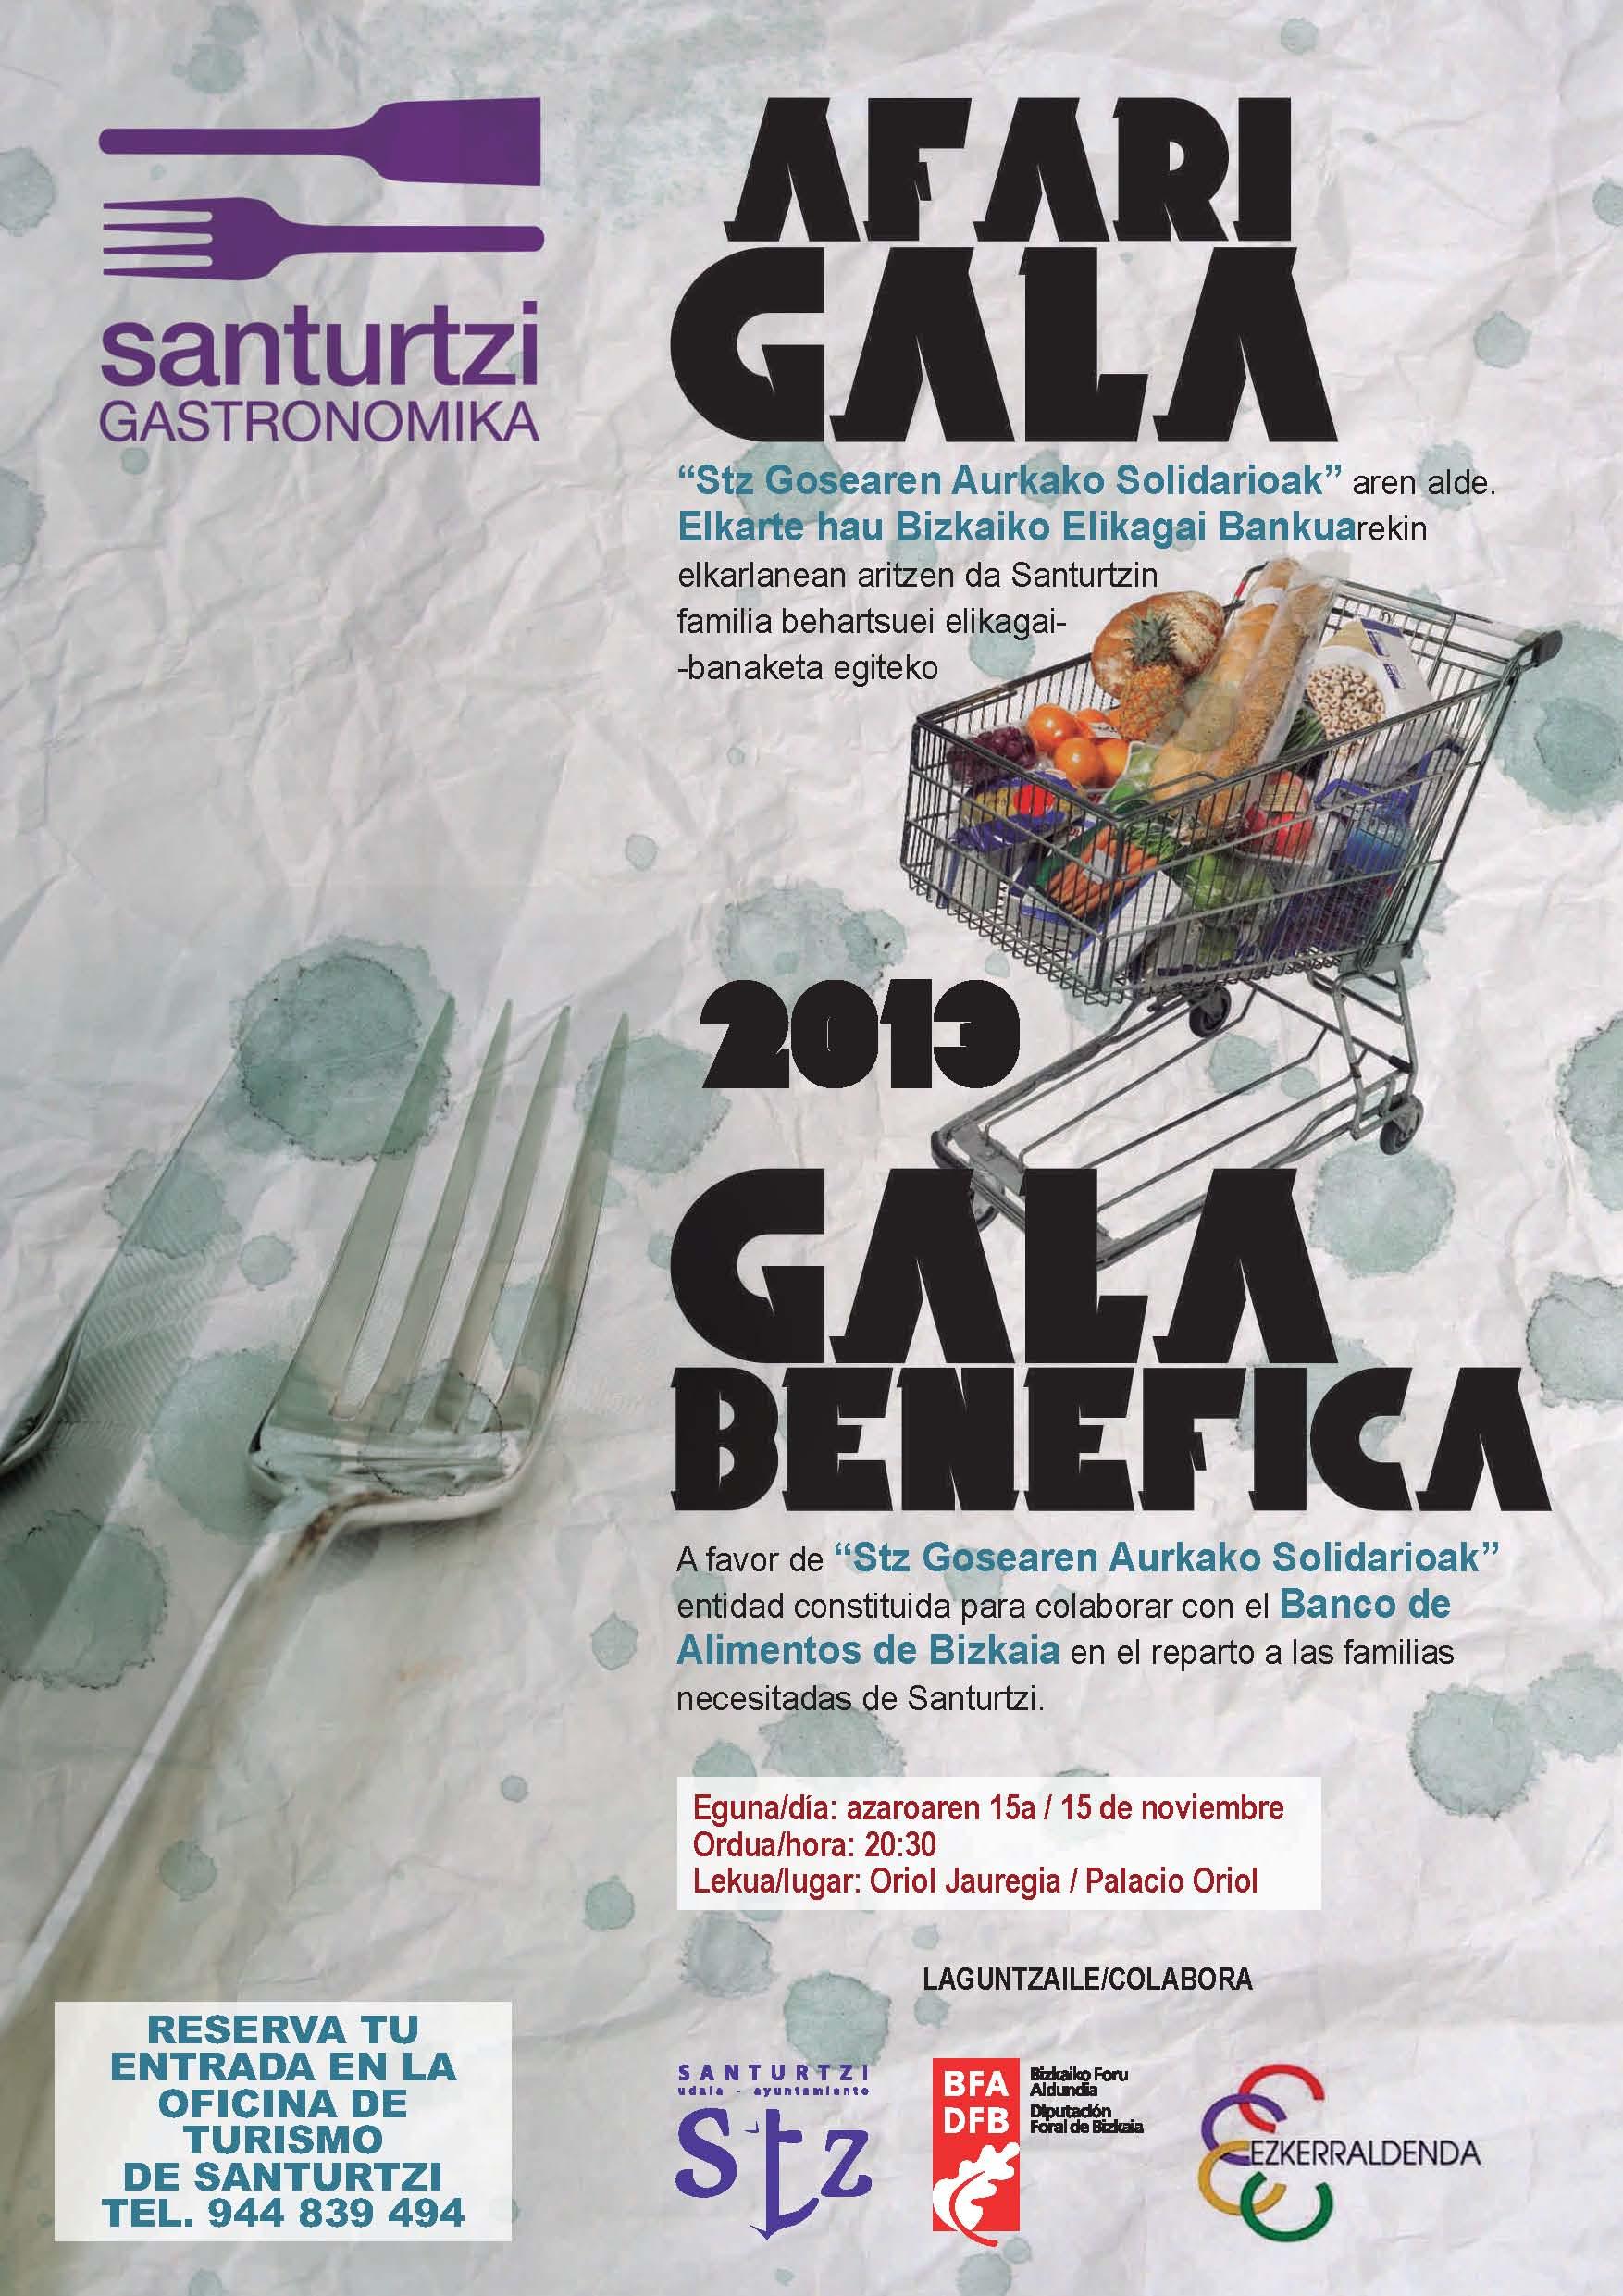 """Santurtzi Gastronomika presenta la Gala Benéfica a favor de """"Stz Gosearen Aurkako Solidarioak"""""""